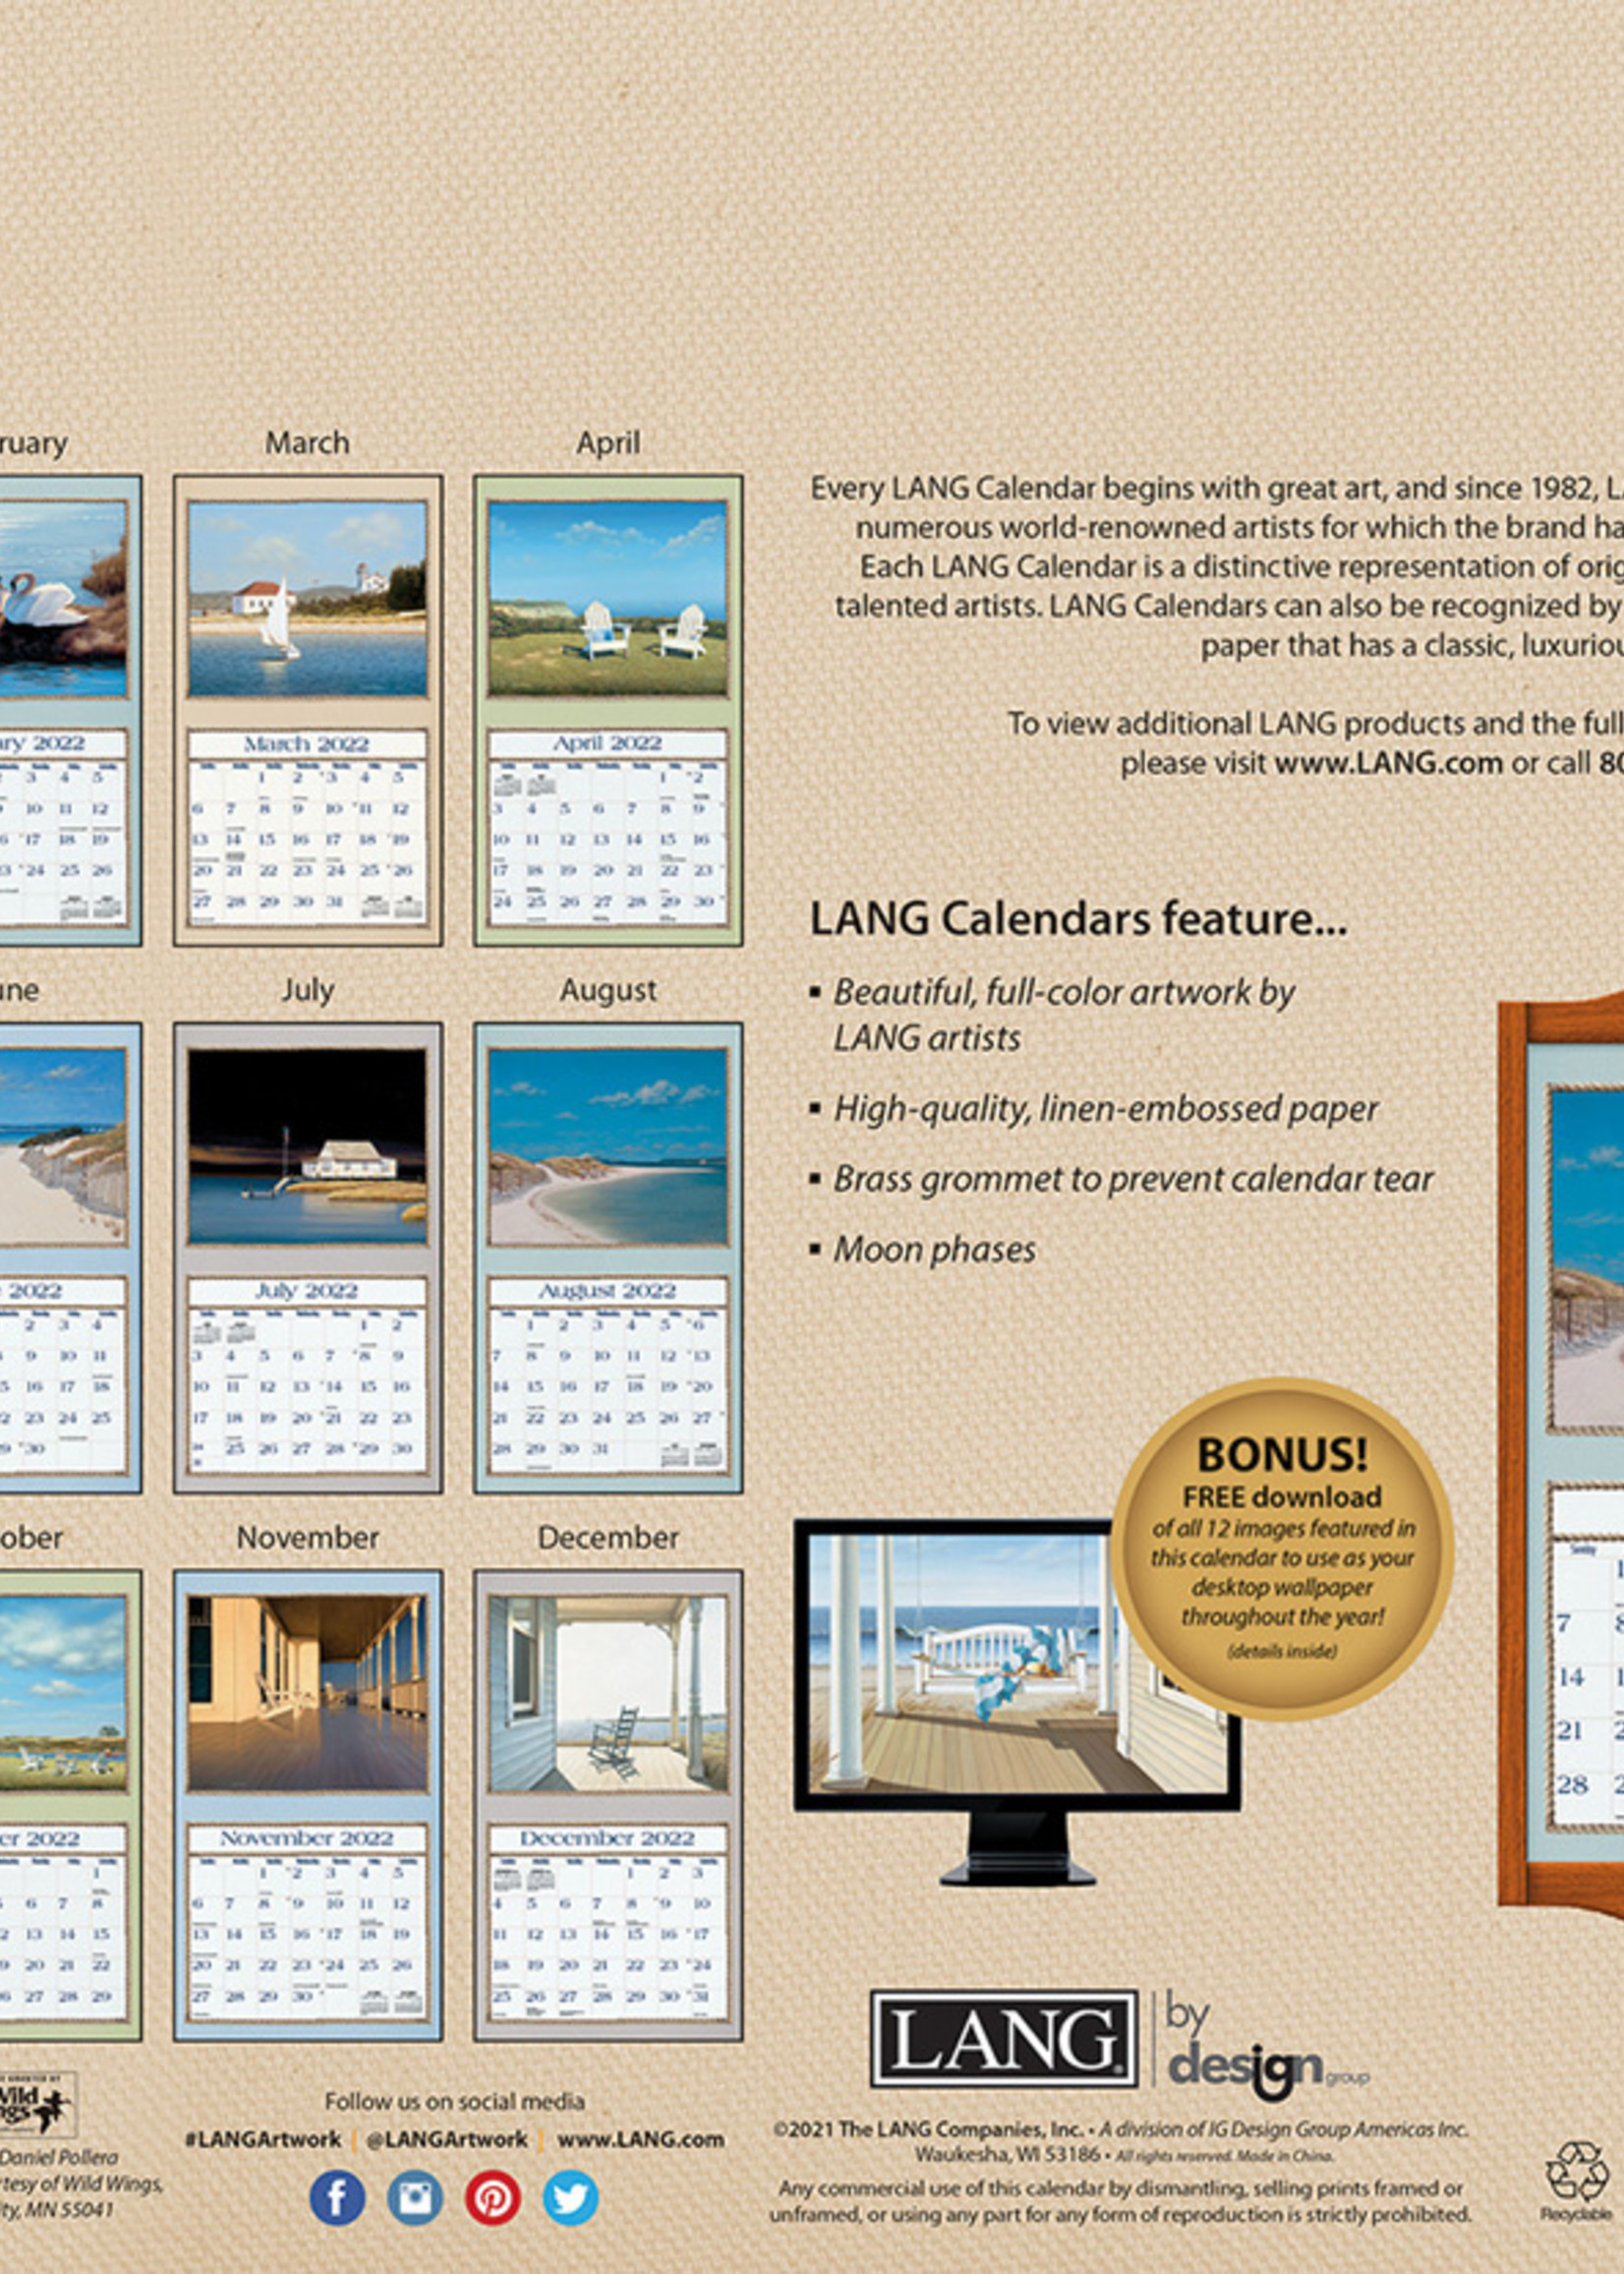 Seaside Calendar 2022